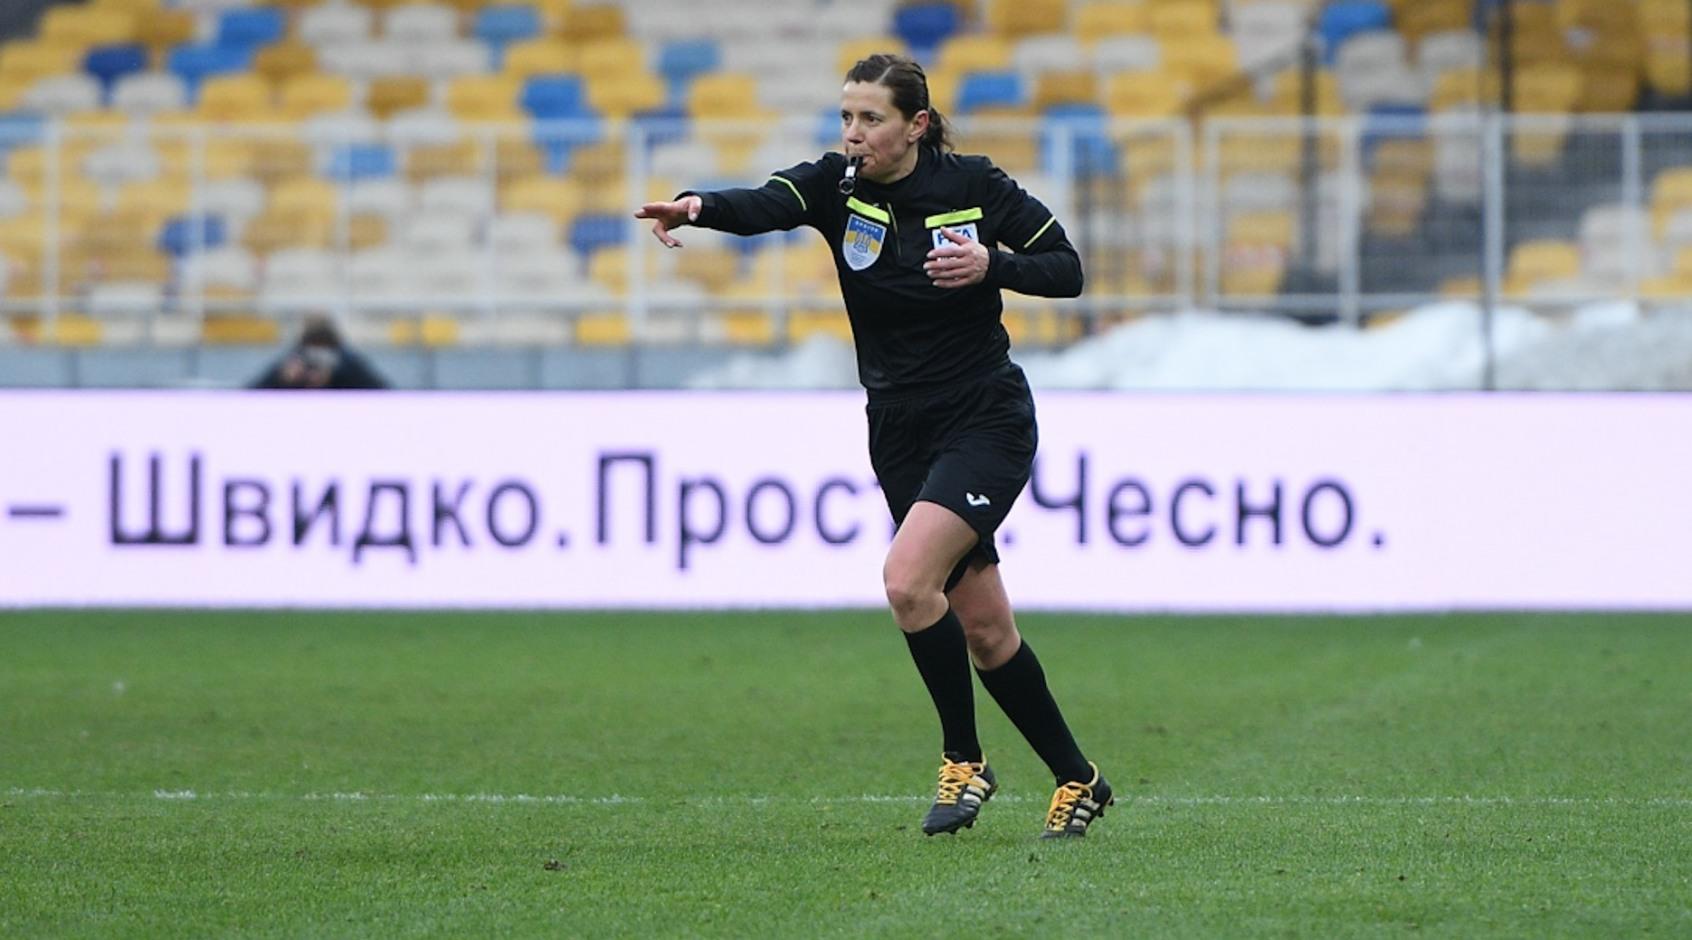 Екатерина Монзуль назначила пенальти в полуфинале Олимпиады после просмотра VAR